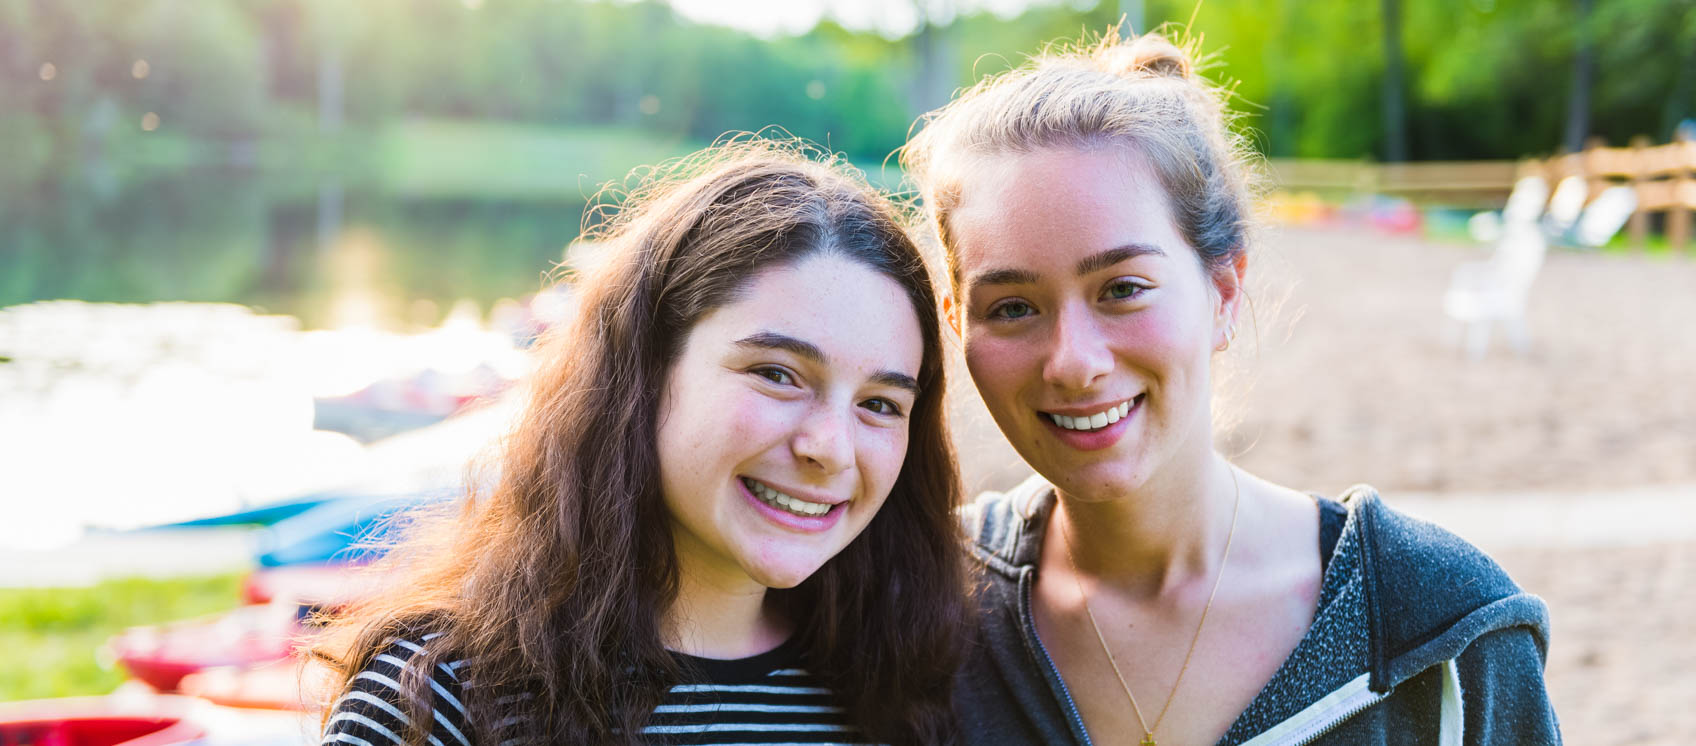 2-girls-smiling